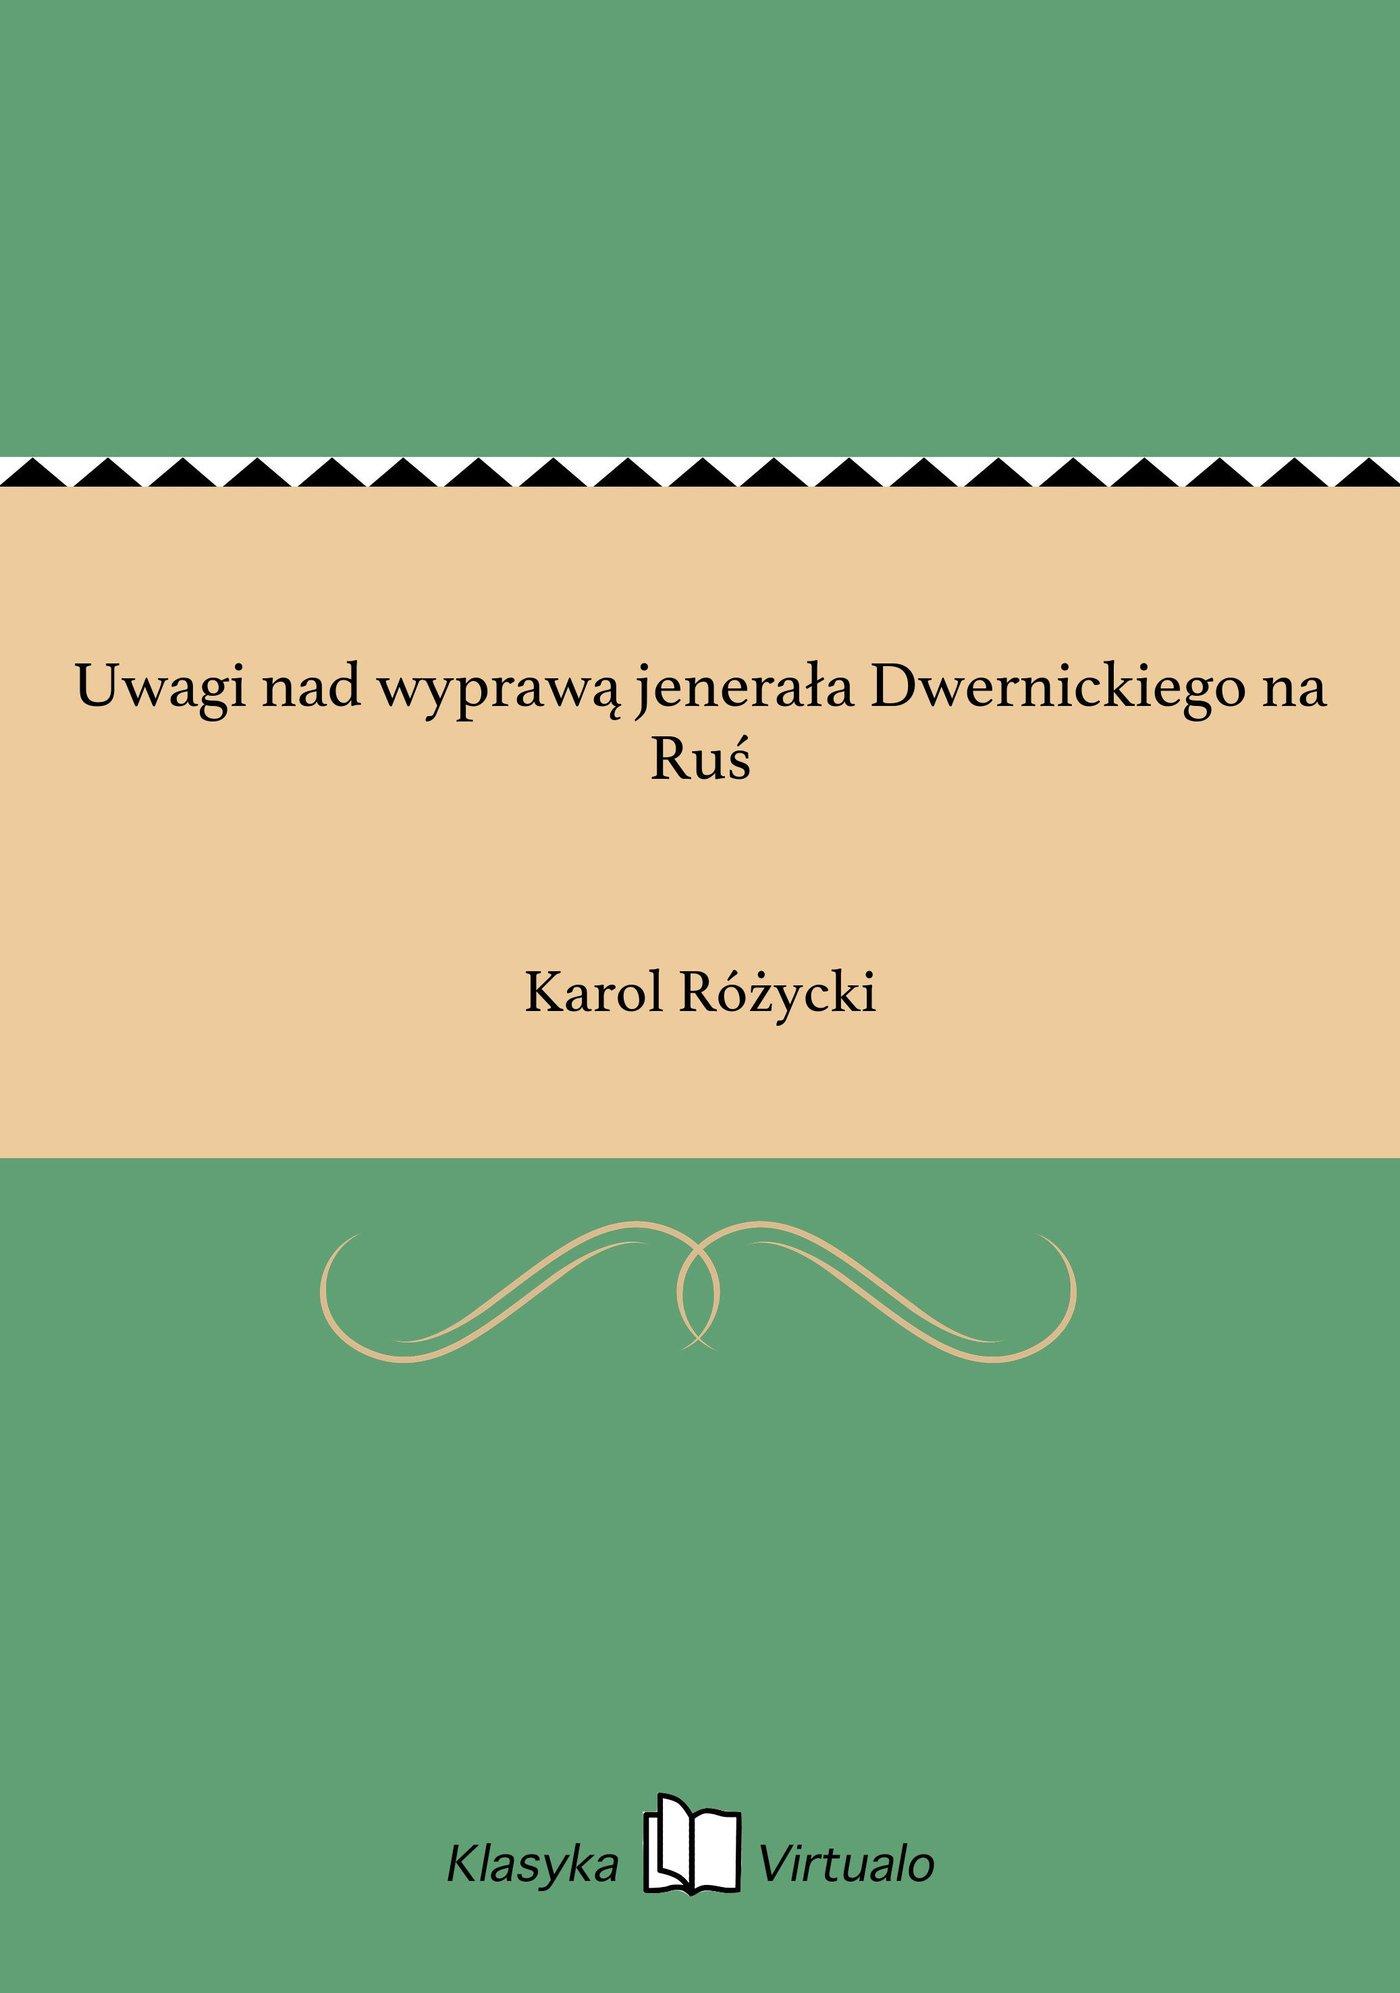 Uwagi nad wyprawą jenerała Dwernickiego na Ruś - Ebook (Książka EPUB) do pobrania w formacie EPUB